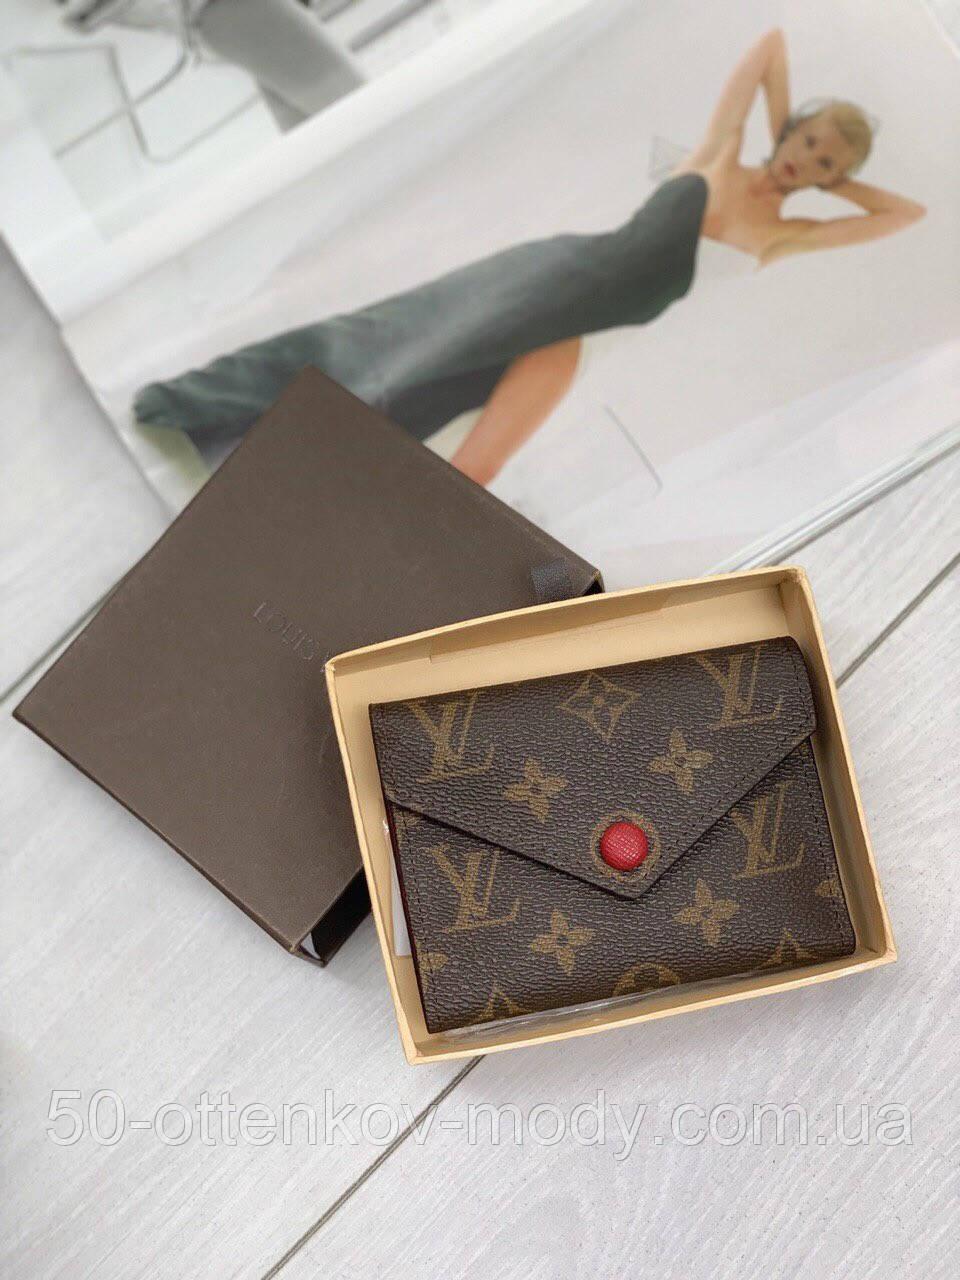 Жіночий гаманець Louis Vuitton Луї Віттон, ЛЮКС